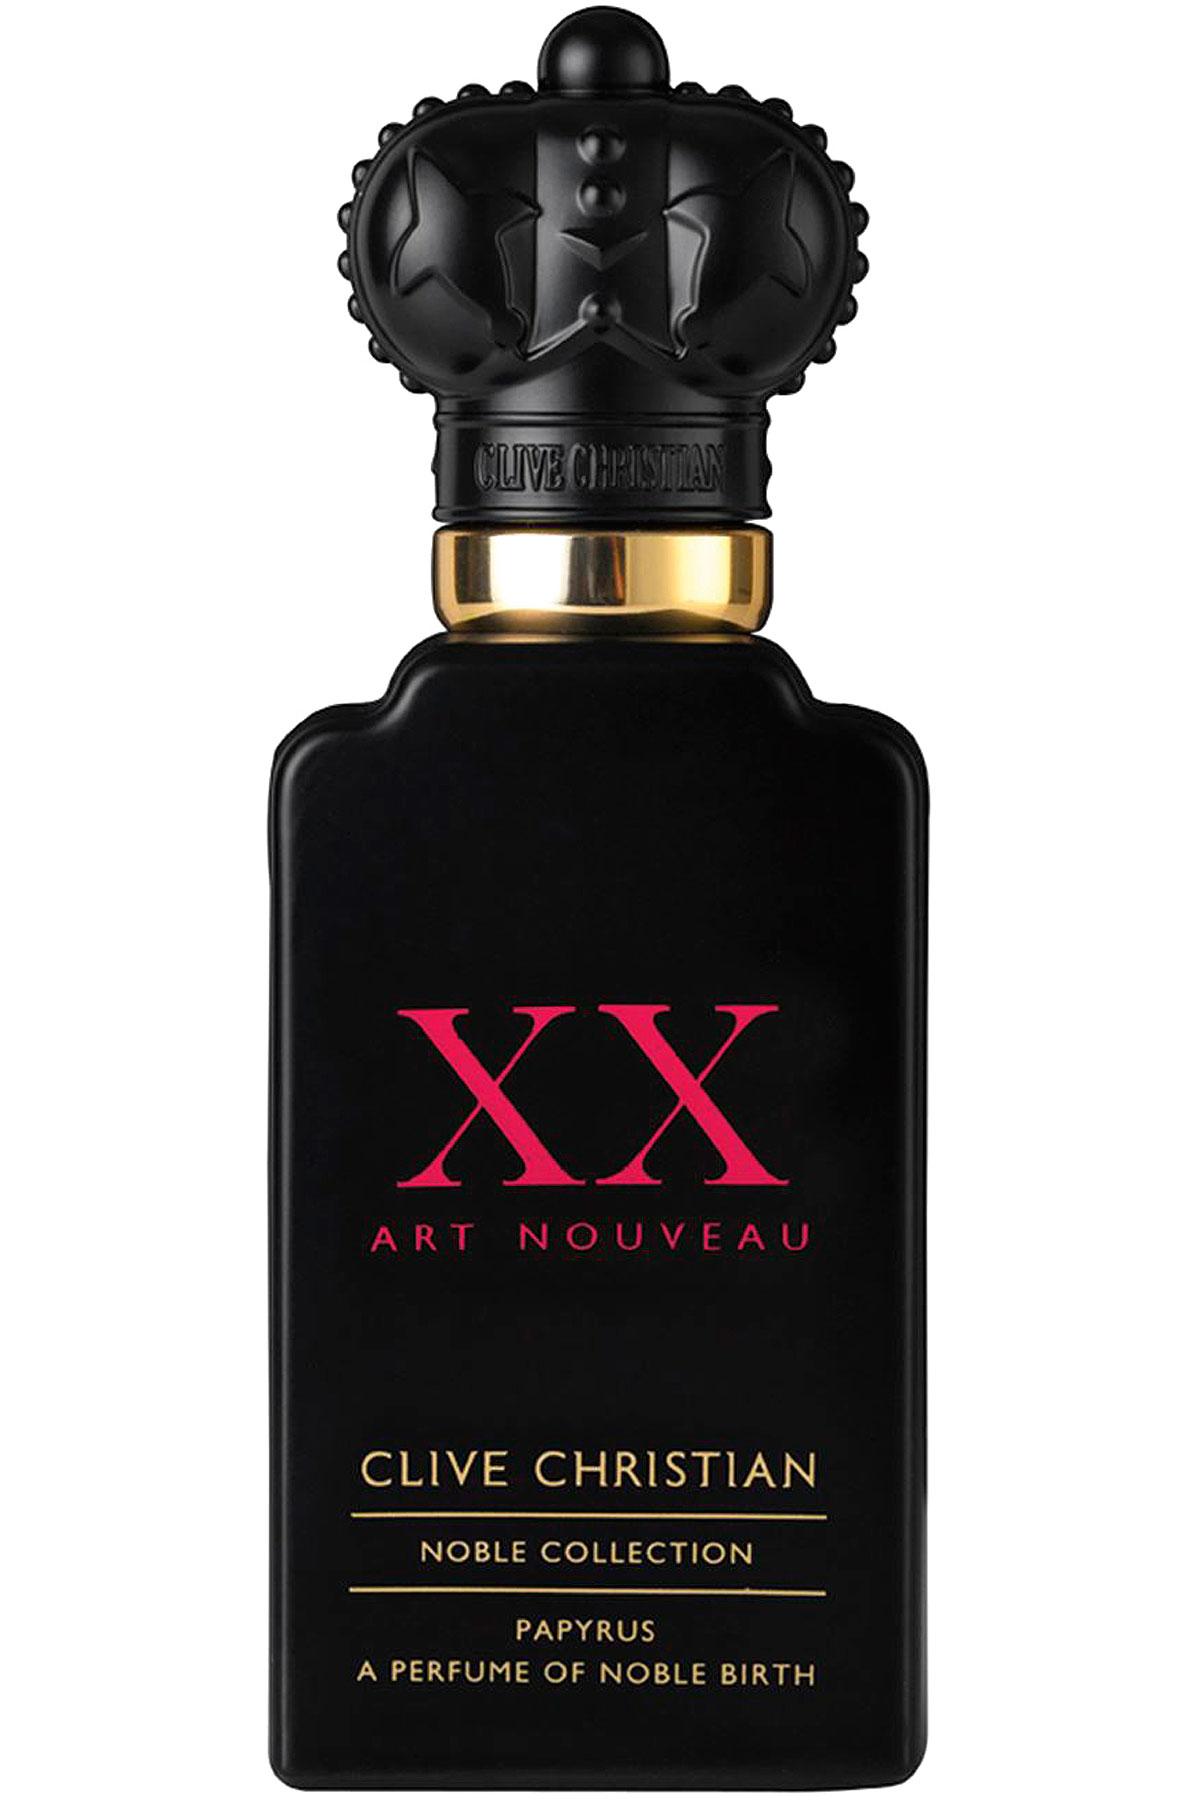 Clive Christian Fragrances for Men, Noble Xx Art Nouveau Papyrus - Eau De Parfum - 50 Ml, 2019, 50 ml